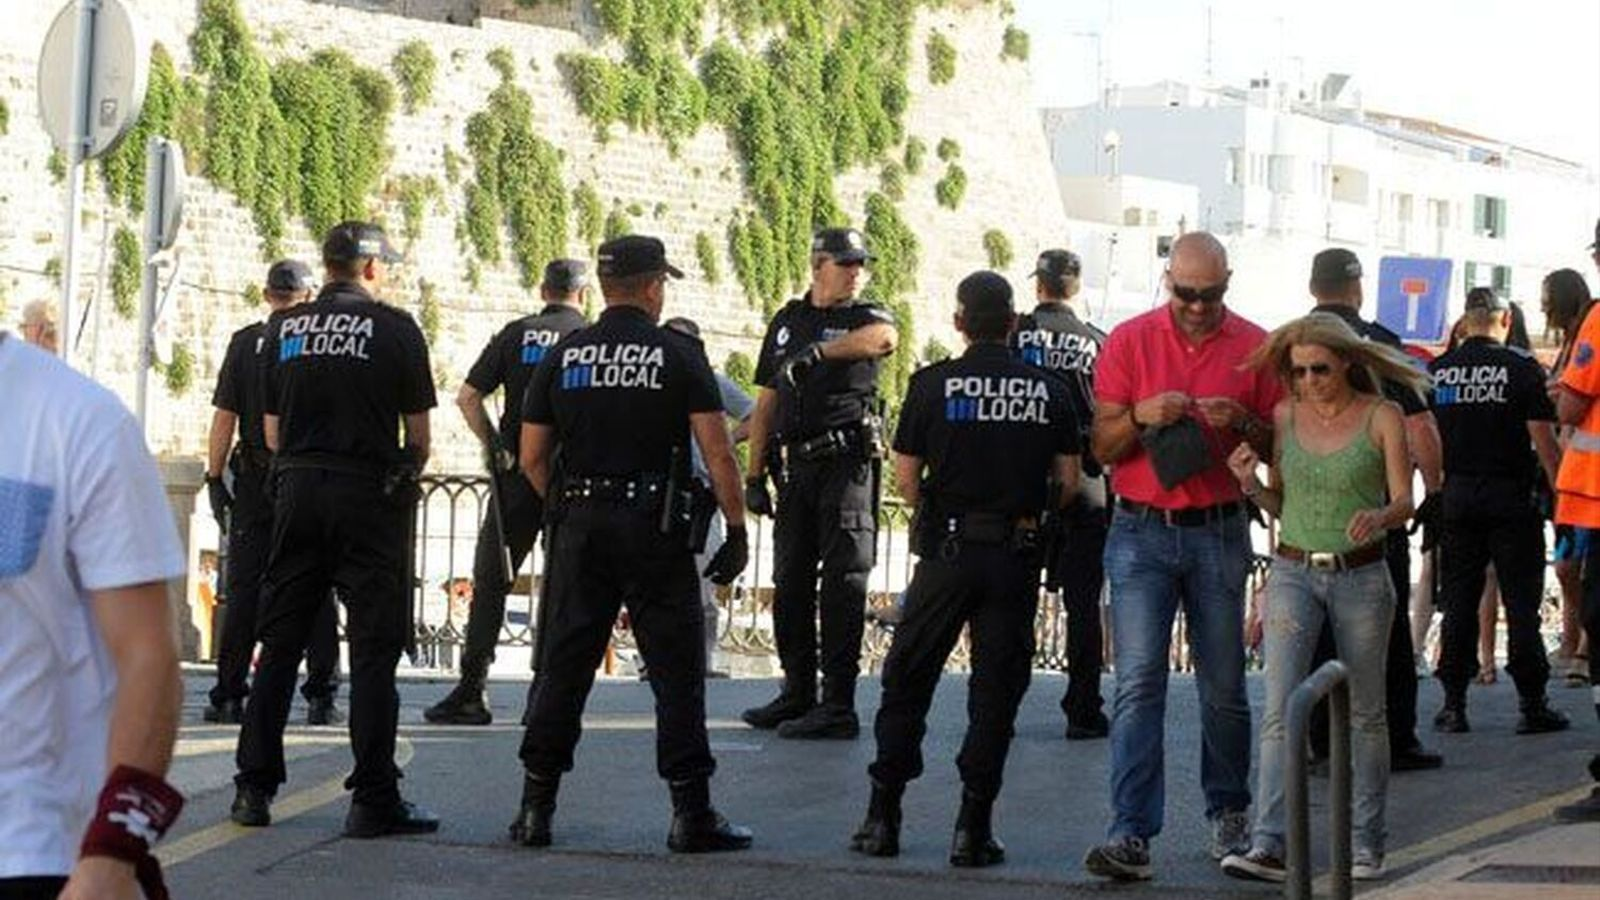 Les crítiques de C's han generat rebuig a l'equip de govern i segons ha pogut saber l'Ara Balears a la mateixa plantilla.